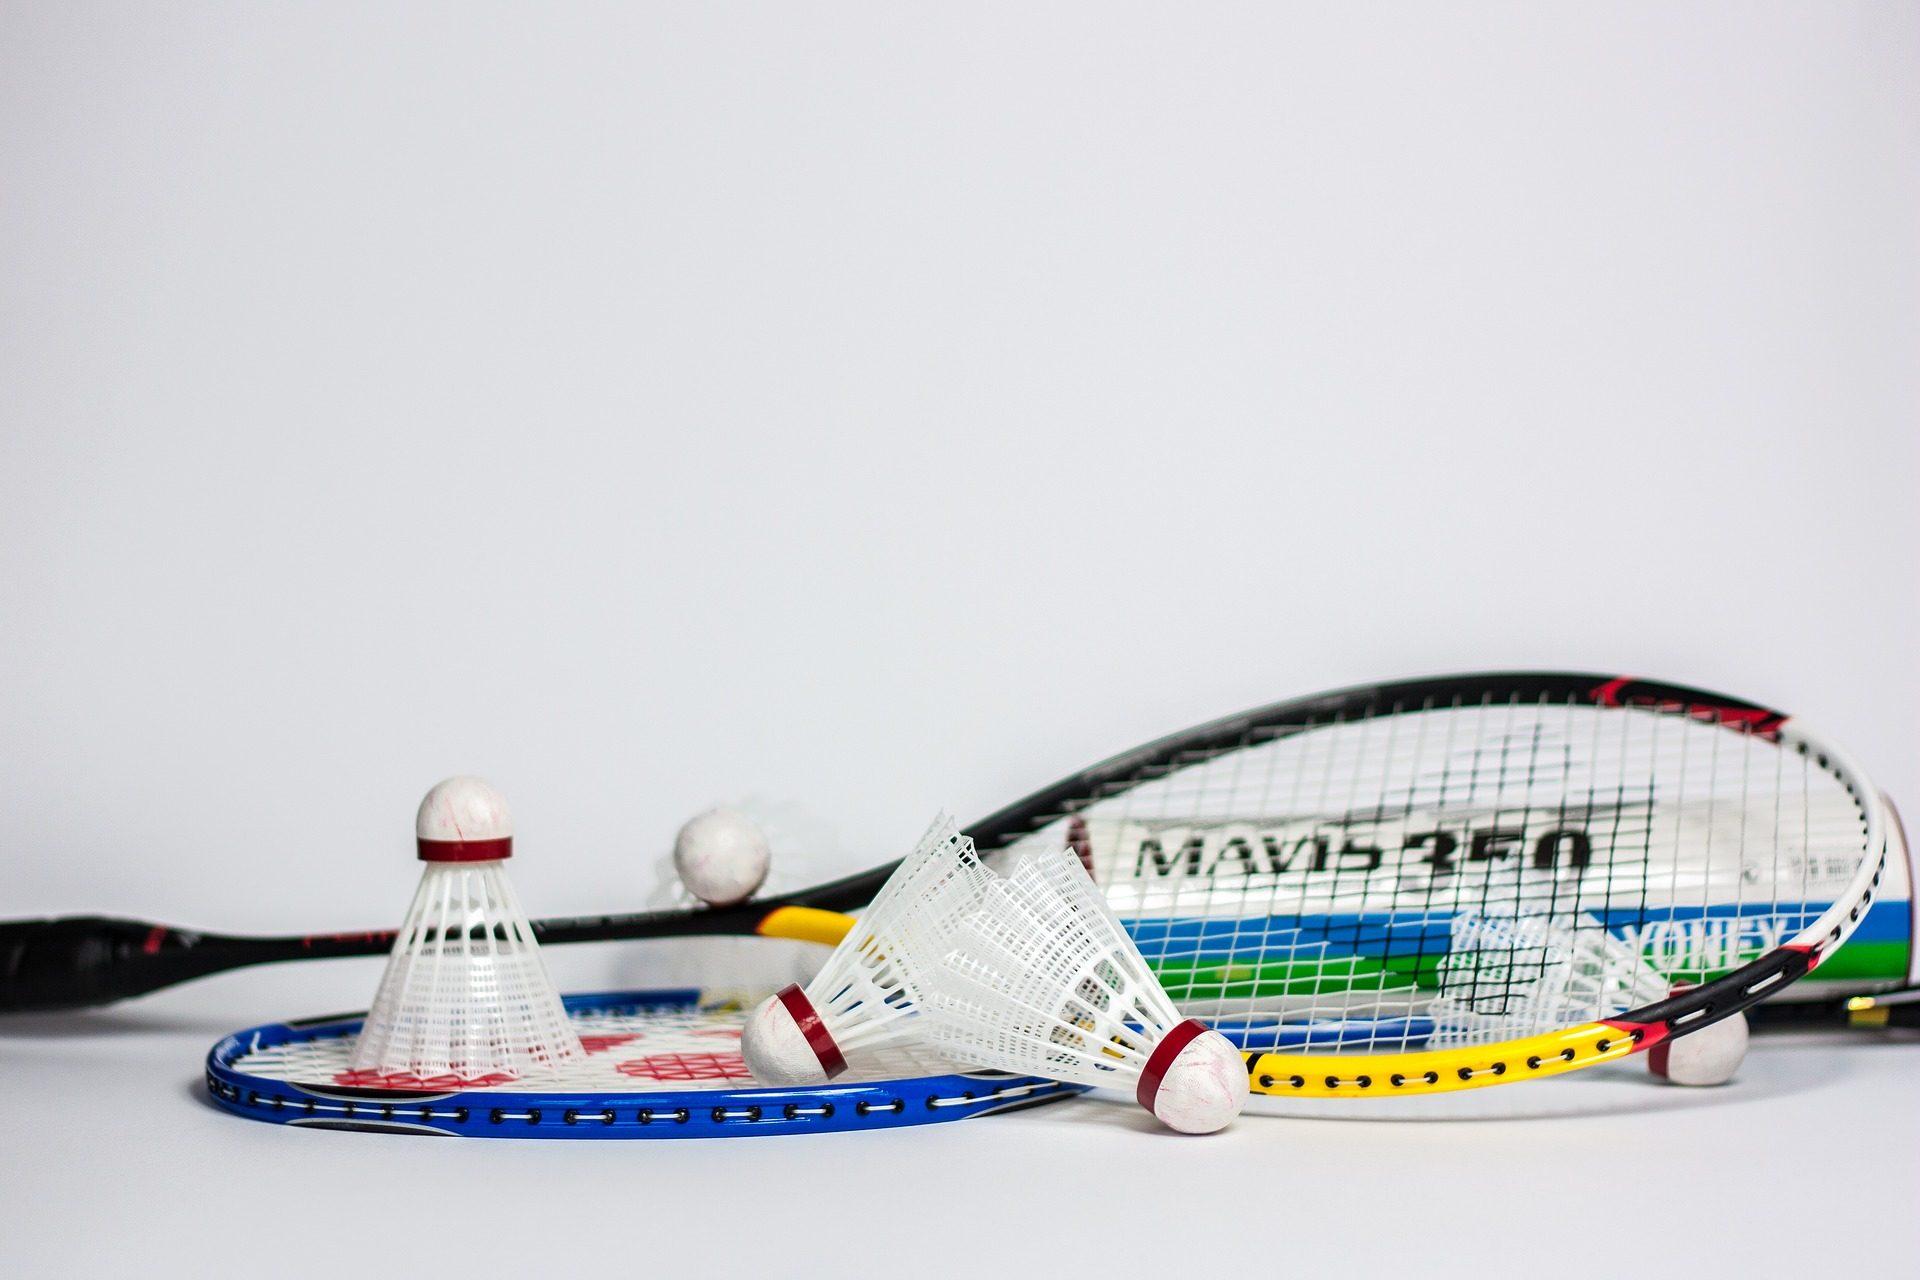 Badminton, Raquettes à neige, boules de, plumes, réseaux - Fonds d'écran HD - Professor-falken.com